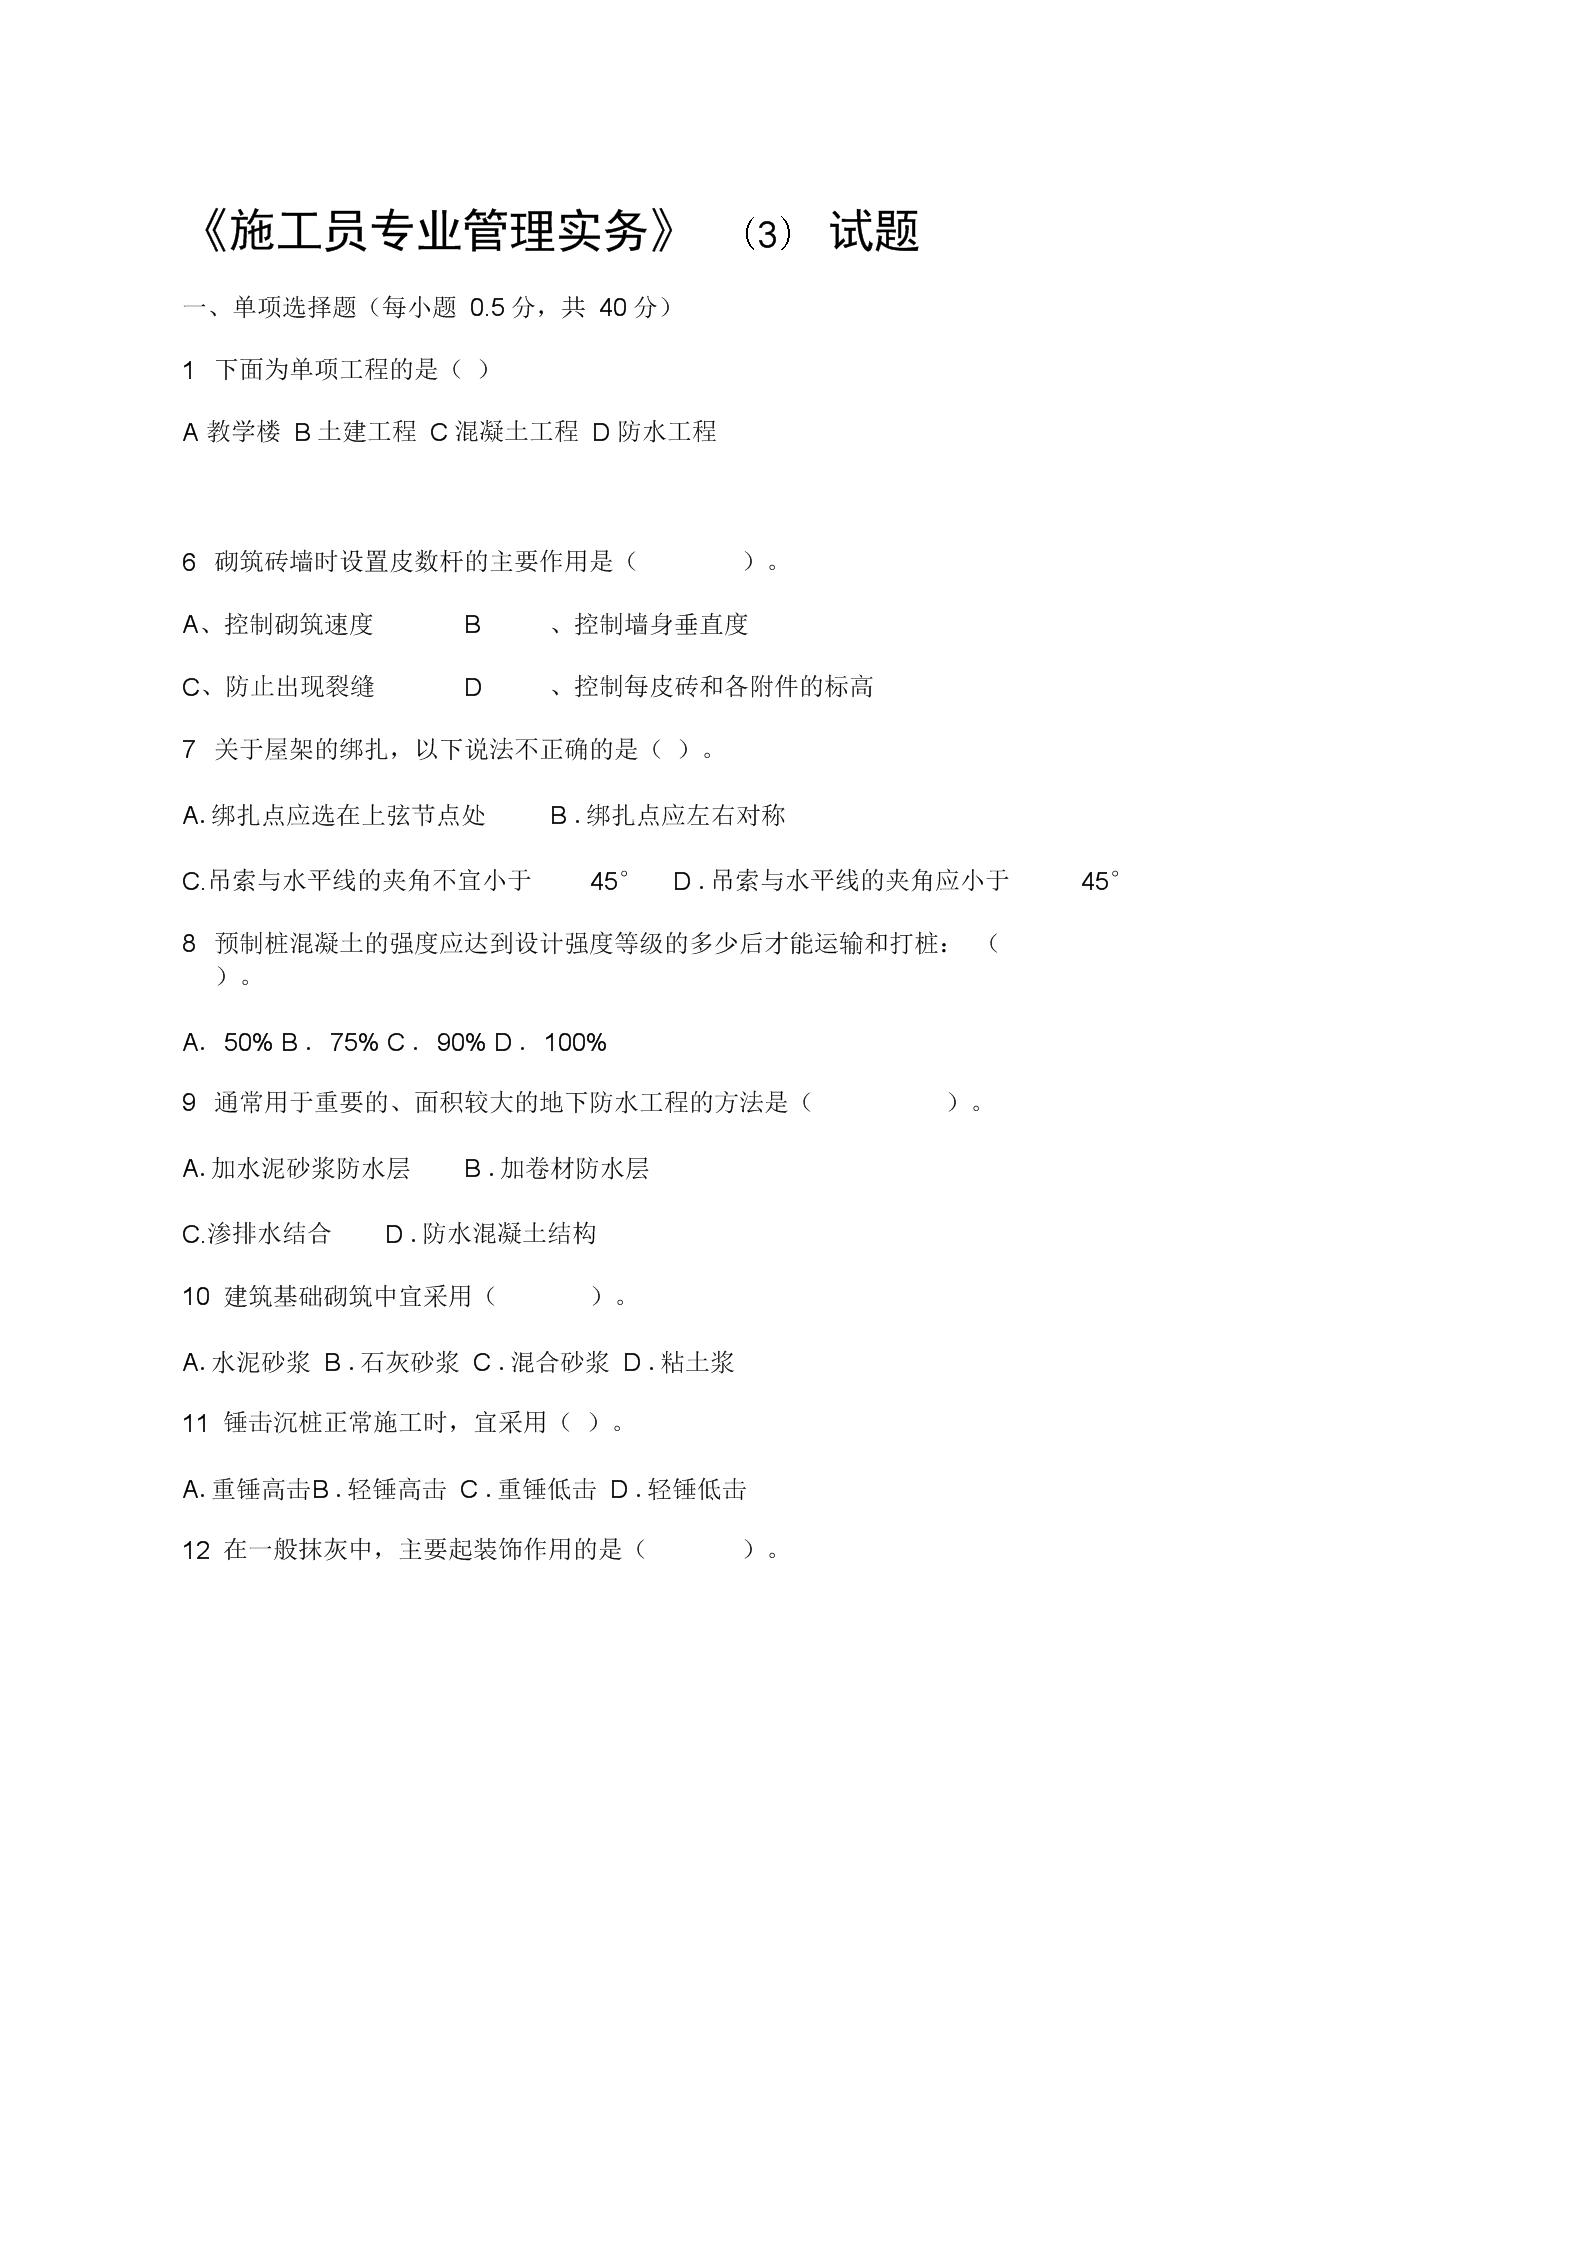 施工员专业管理实务(试题).docx